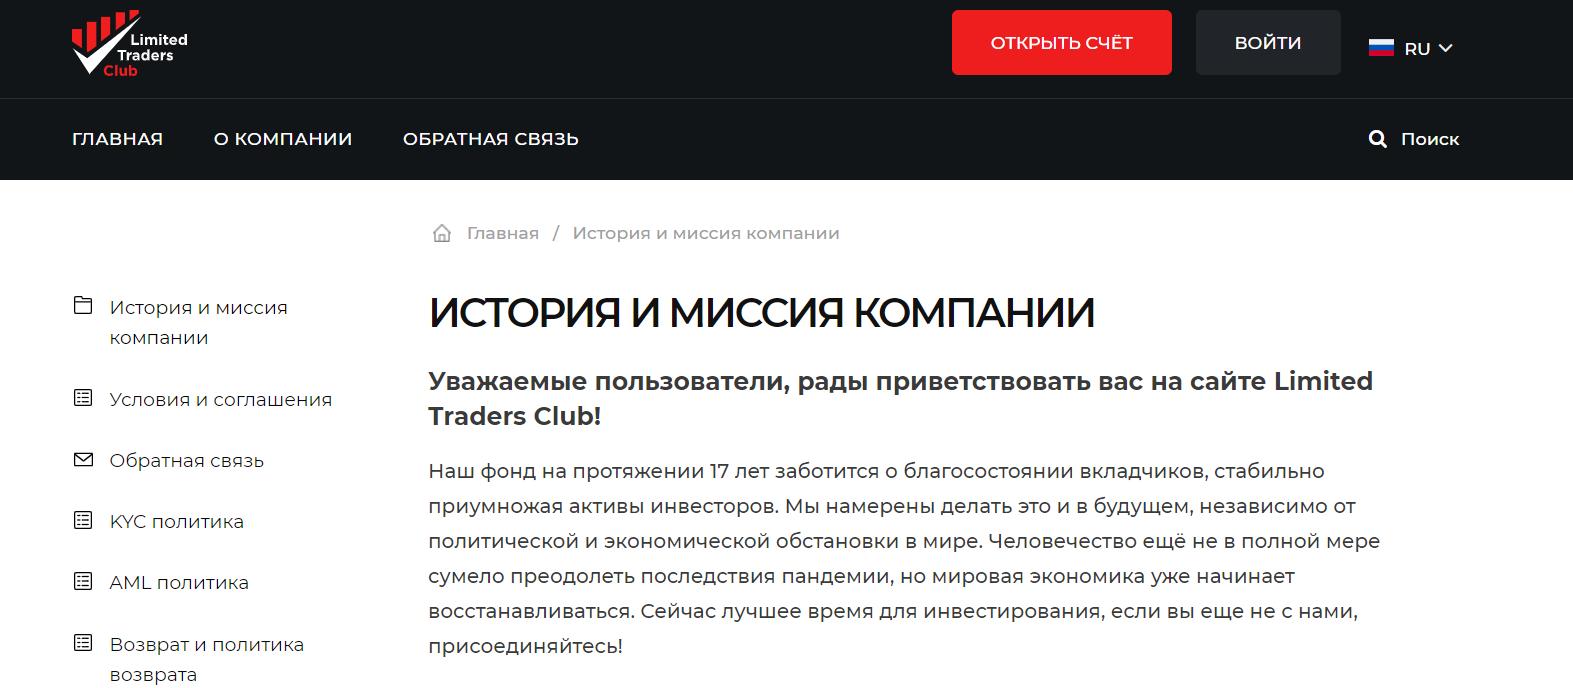 Отзывы о Limited Traders Club: брокер или очередной обман? обзор